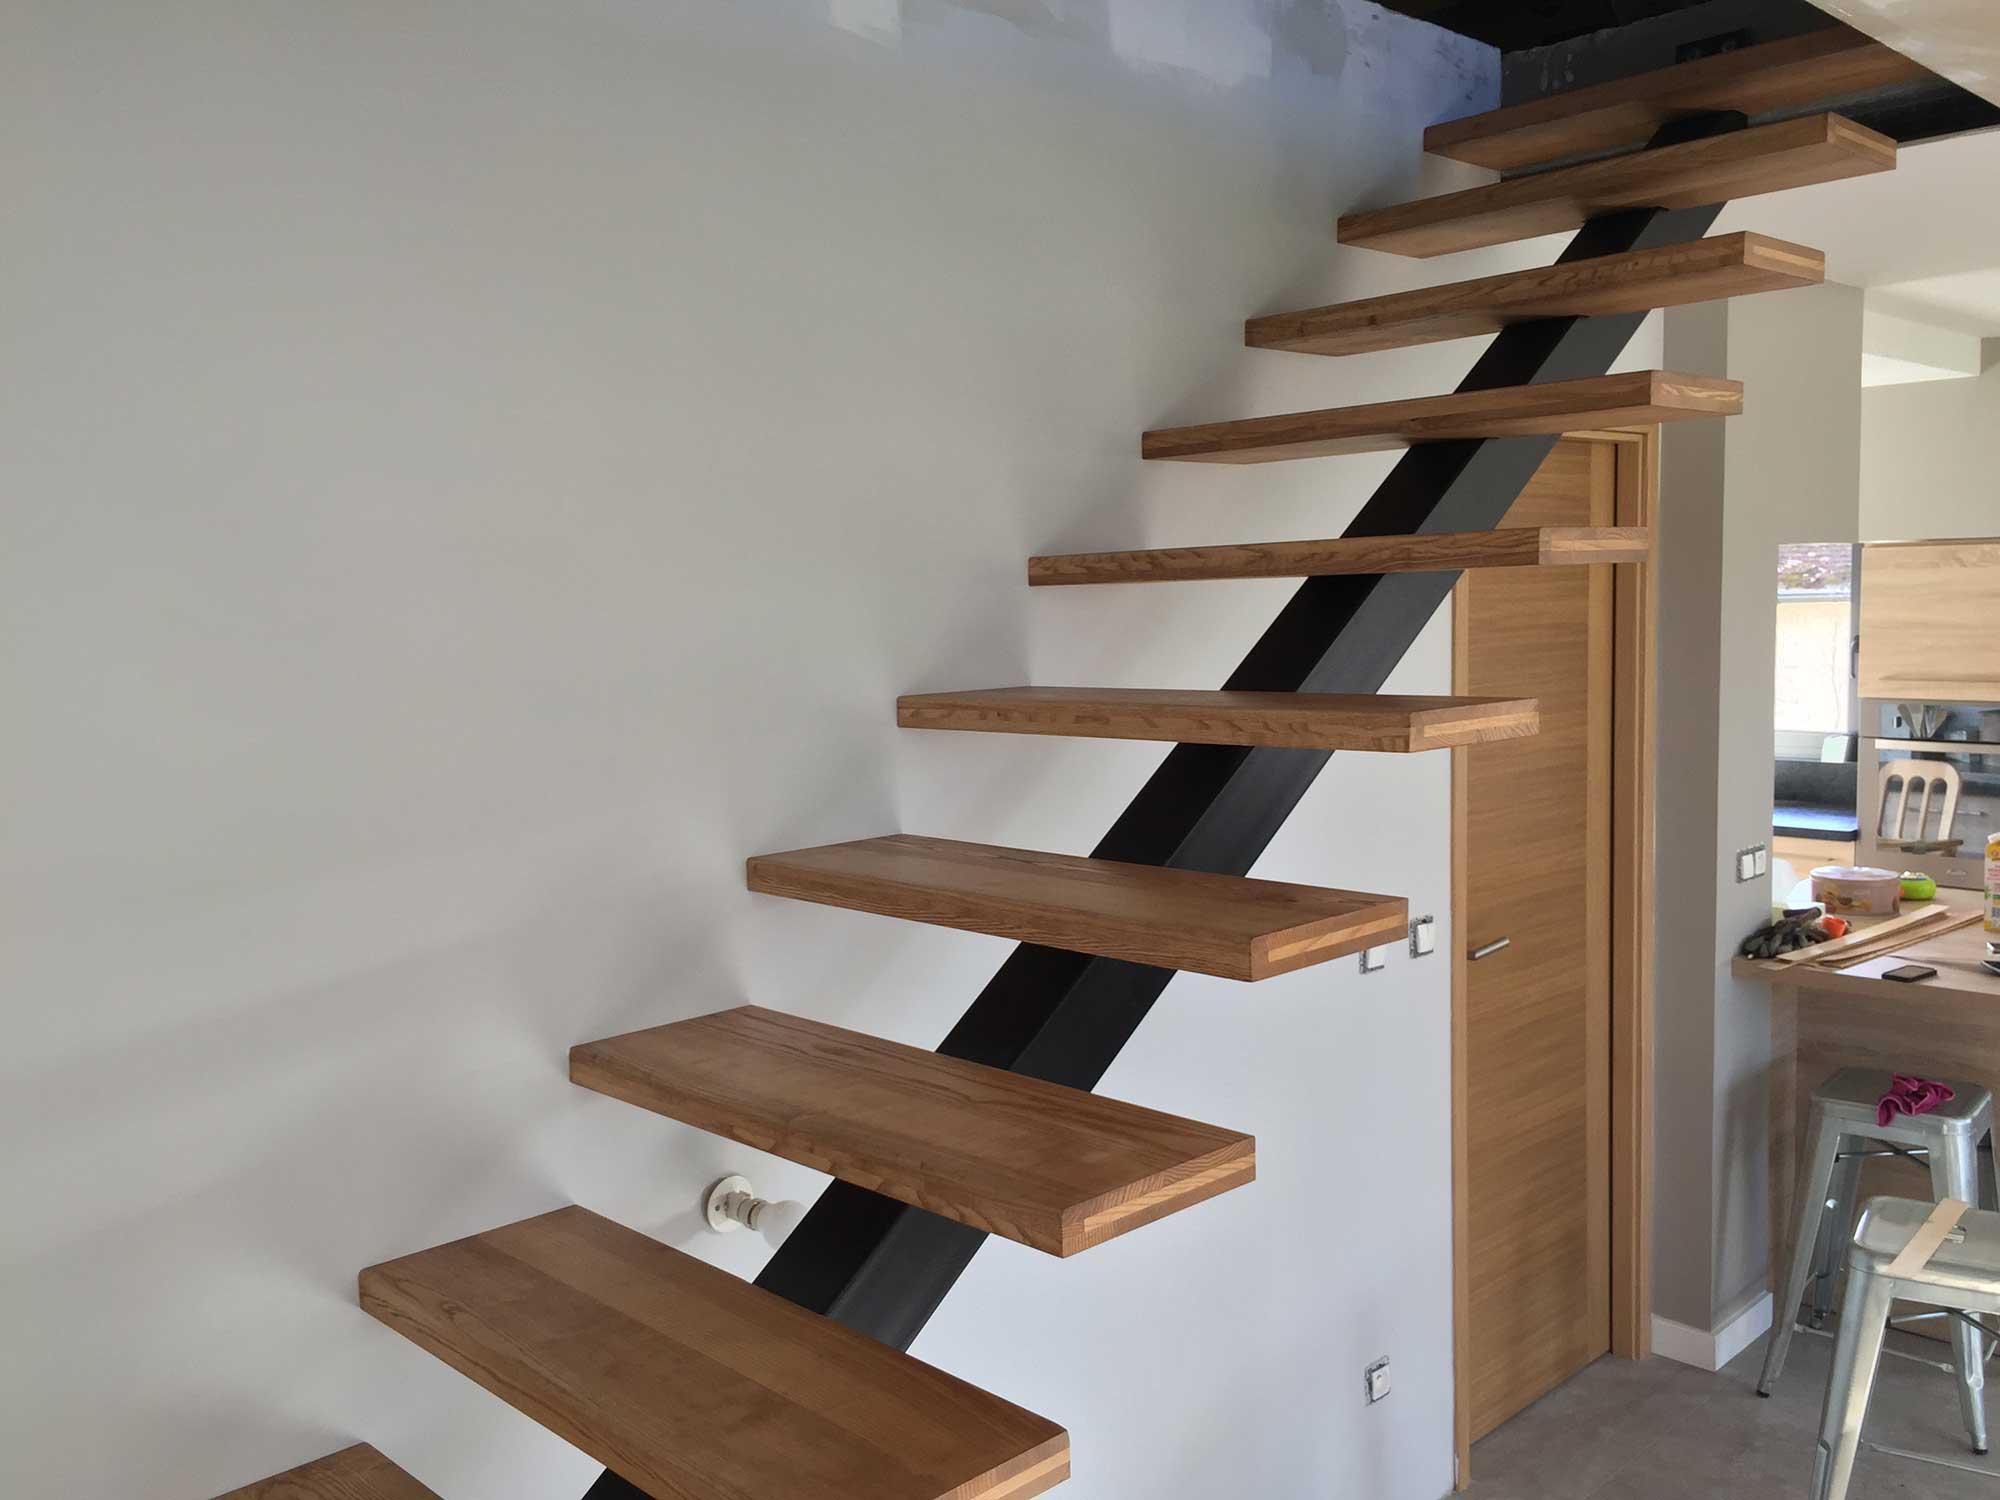 Escalier Bois Metal Noir création escalier design acier - acier/bois sur mesure